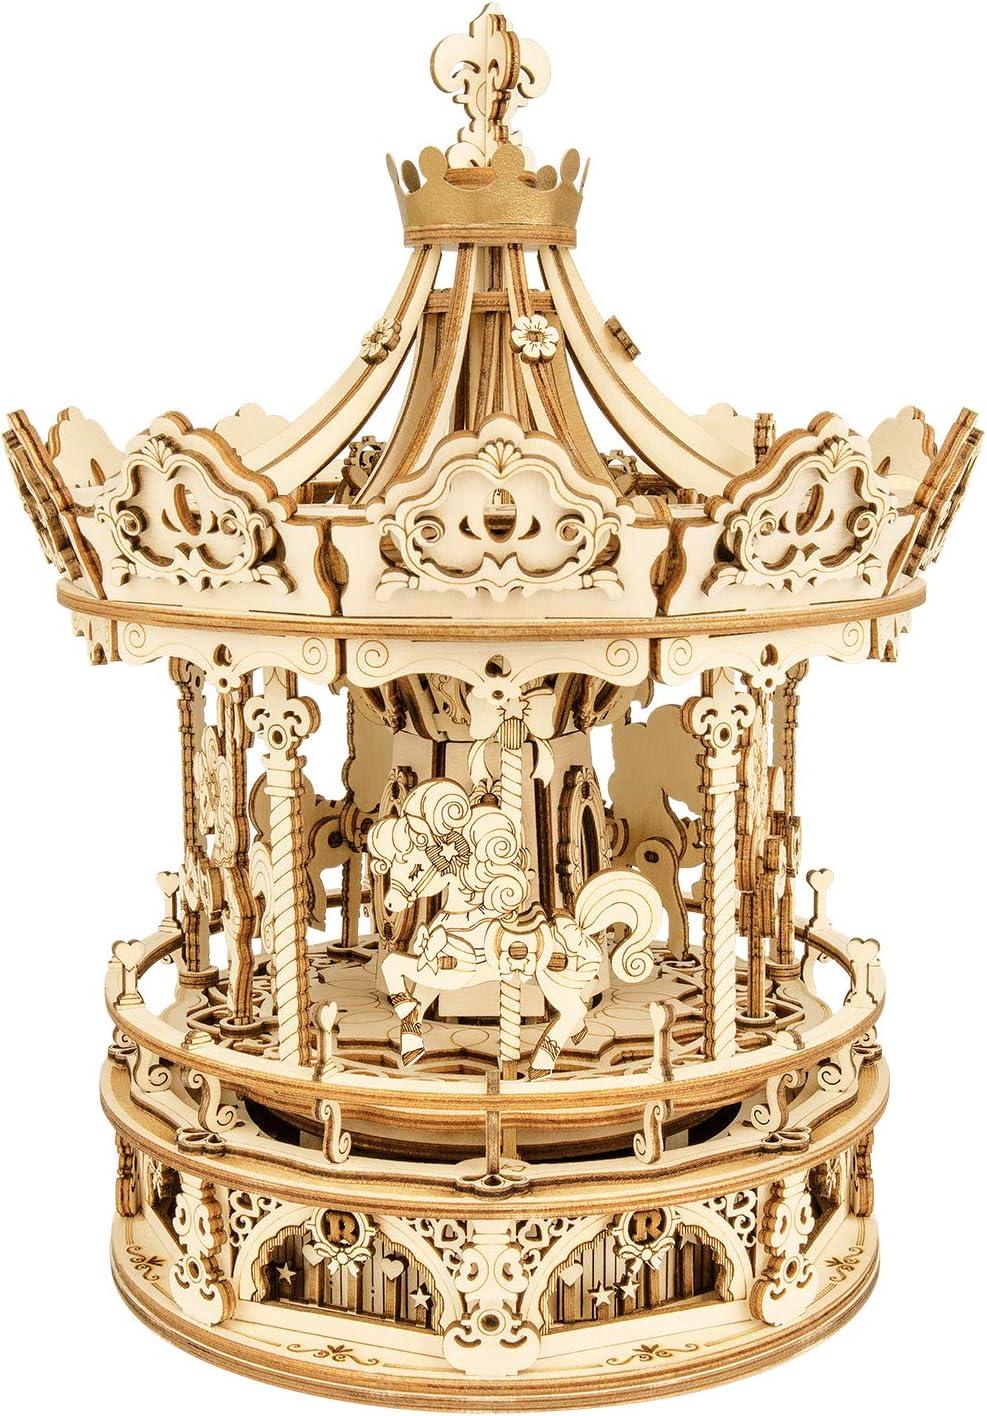 ROBOTIME Carrusel de Madera Caja de música Adultos DIY Rompecabezas de Madera Kits de artesanía Regalo para Navidad y cumpleaños 336 Uds